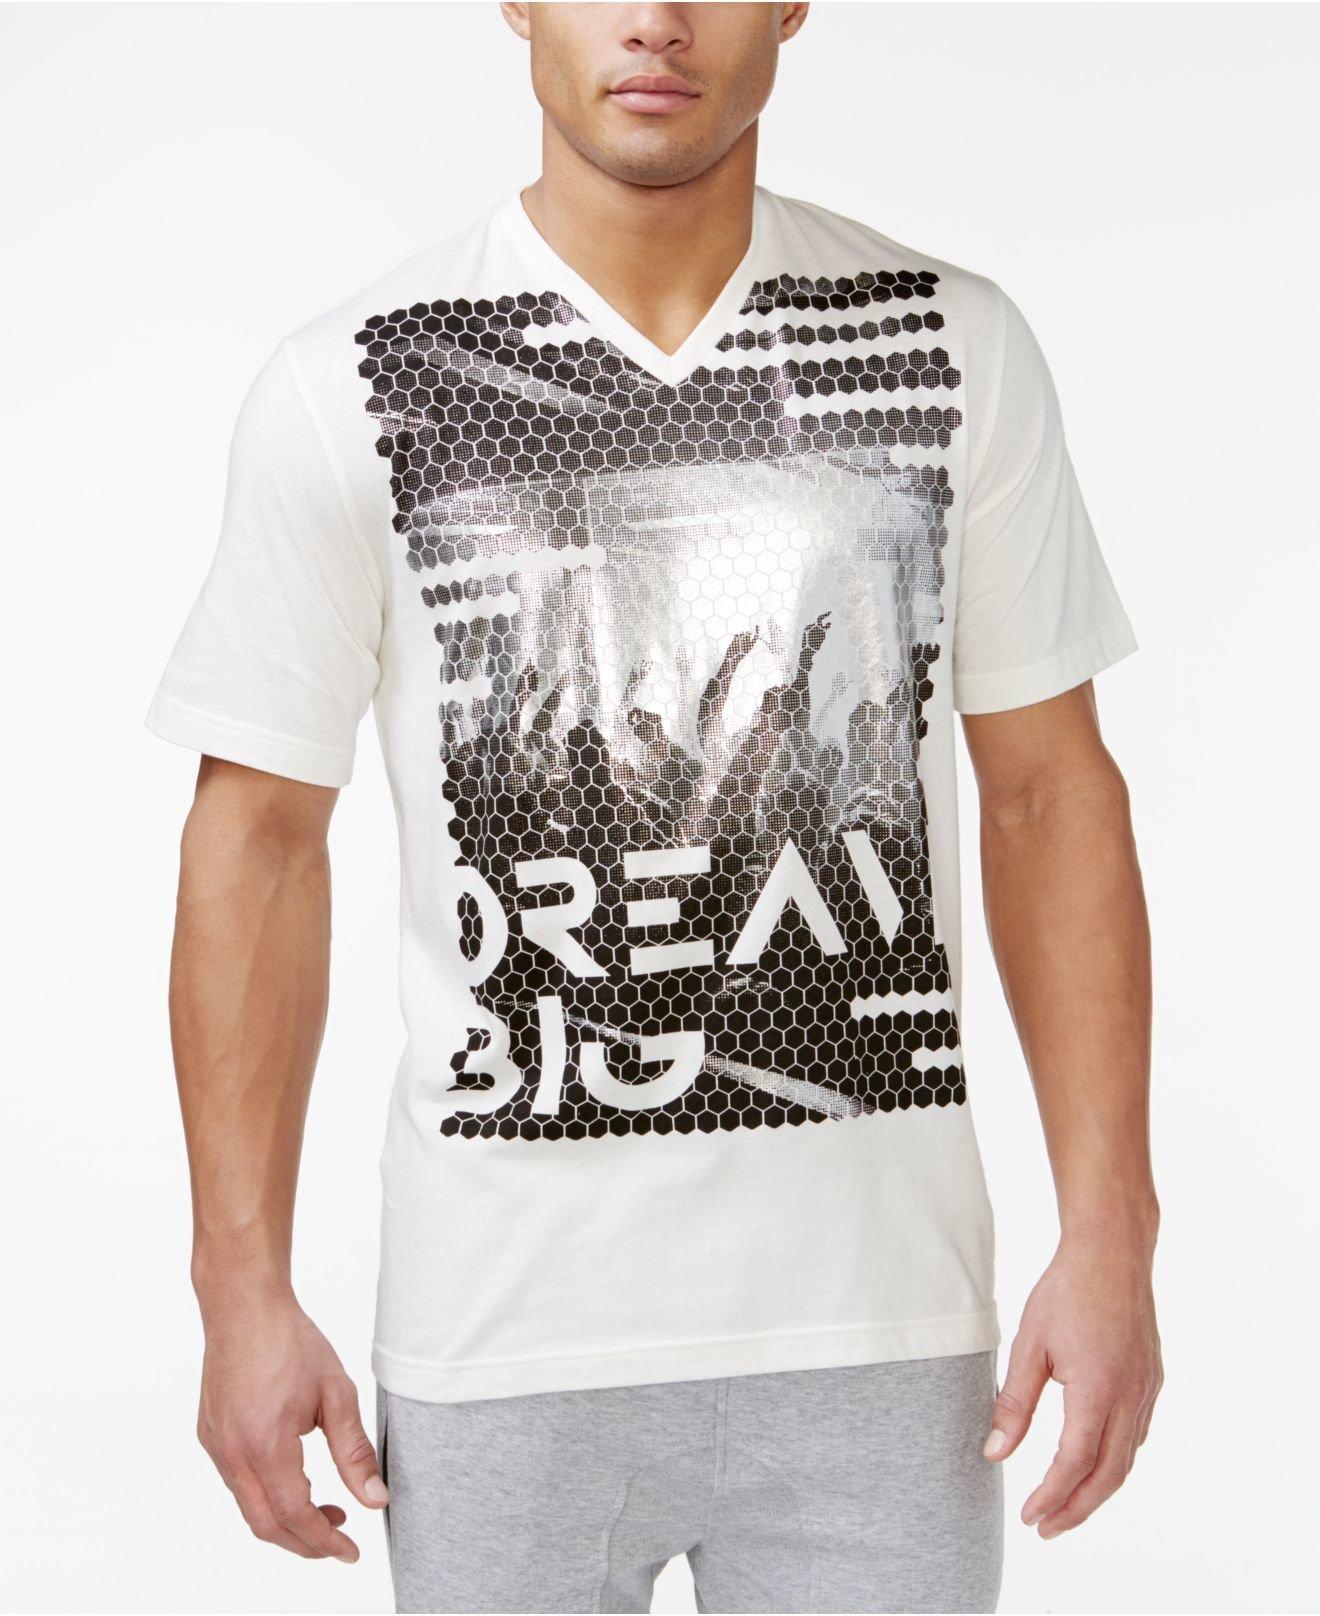 Sean john dream crowd t shirt in white for men lyst for Sean john t shirts for mens